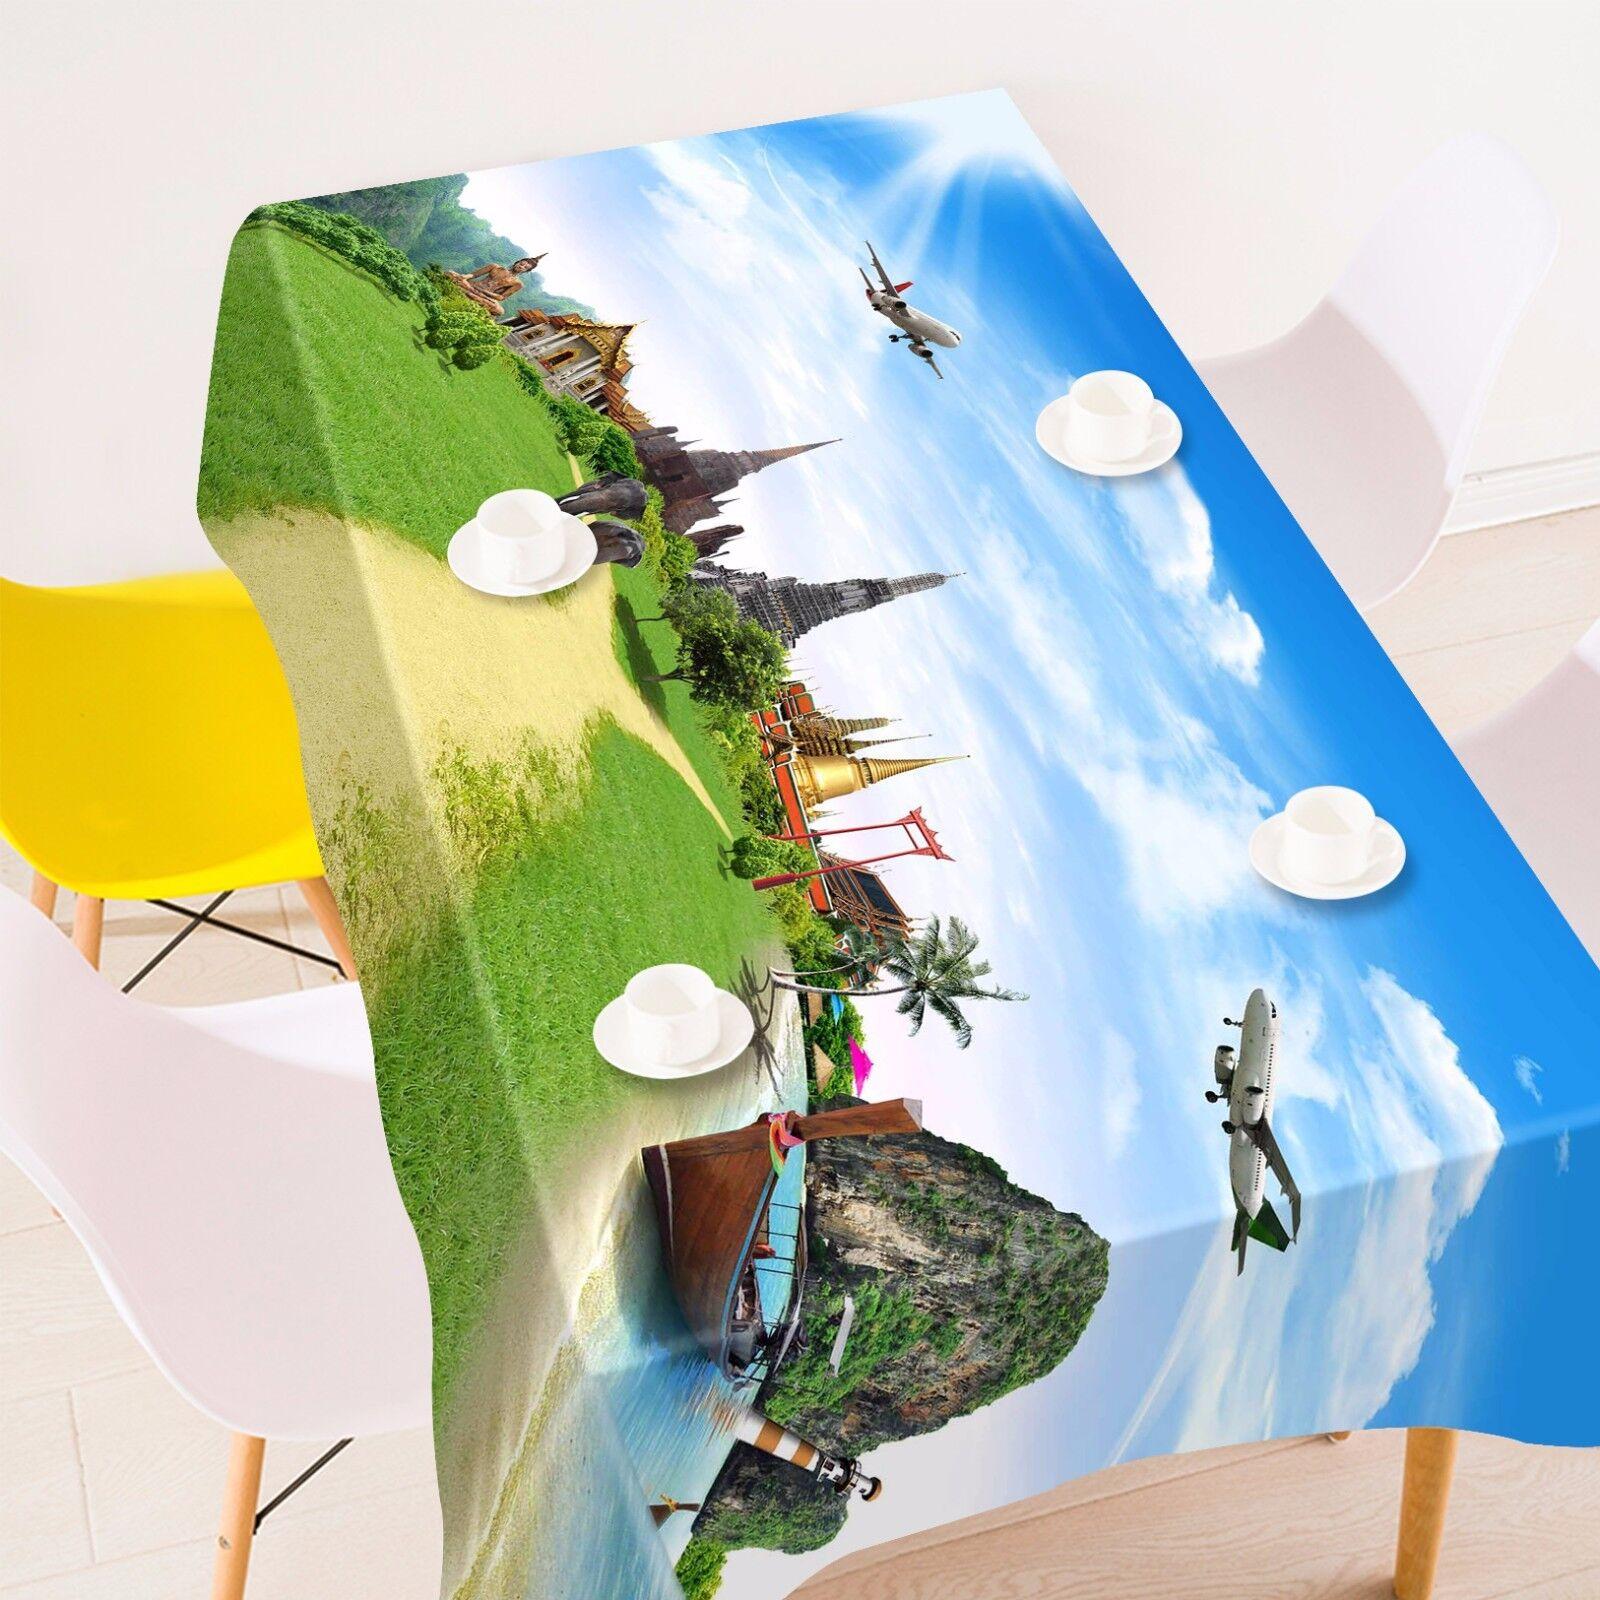 Avion 3D Nappe Table Cover Cloth fête d'anniversaire AJ papier peint Royaume-Uni Citron